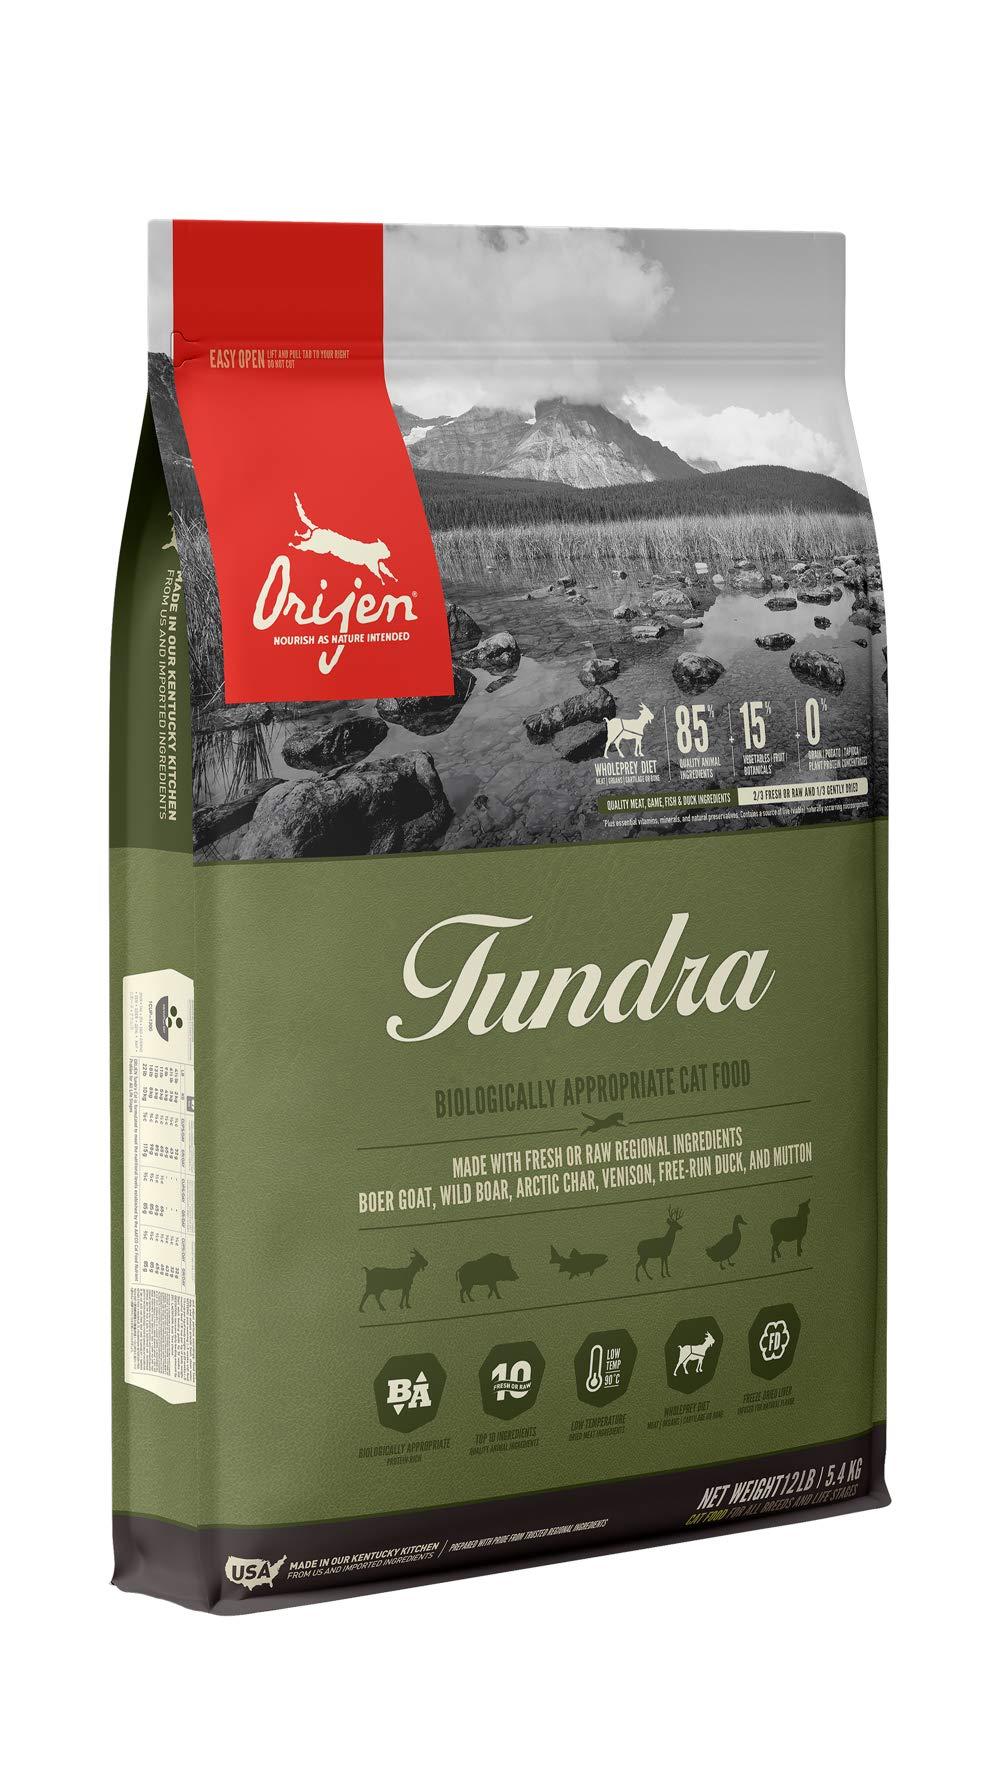 ORIJEN Dry Cat Food, Tundra, Biologically Appropriate & Grain Free by Orijen